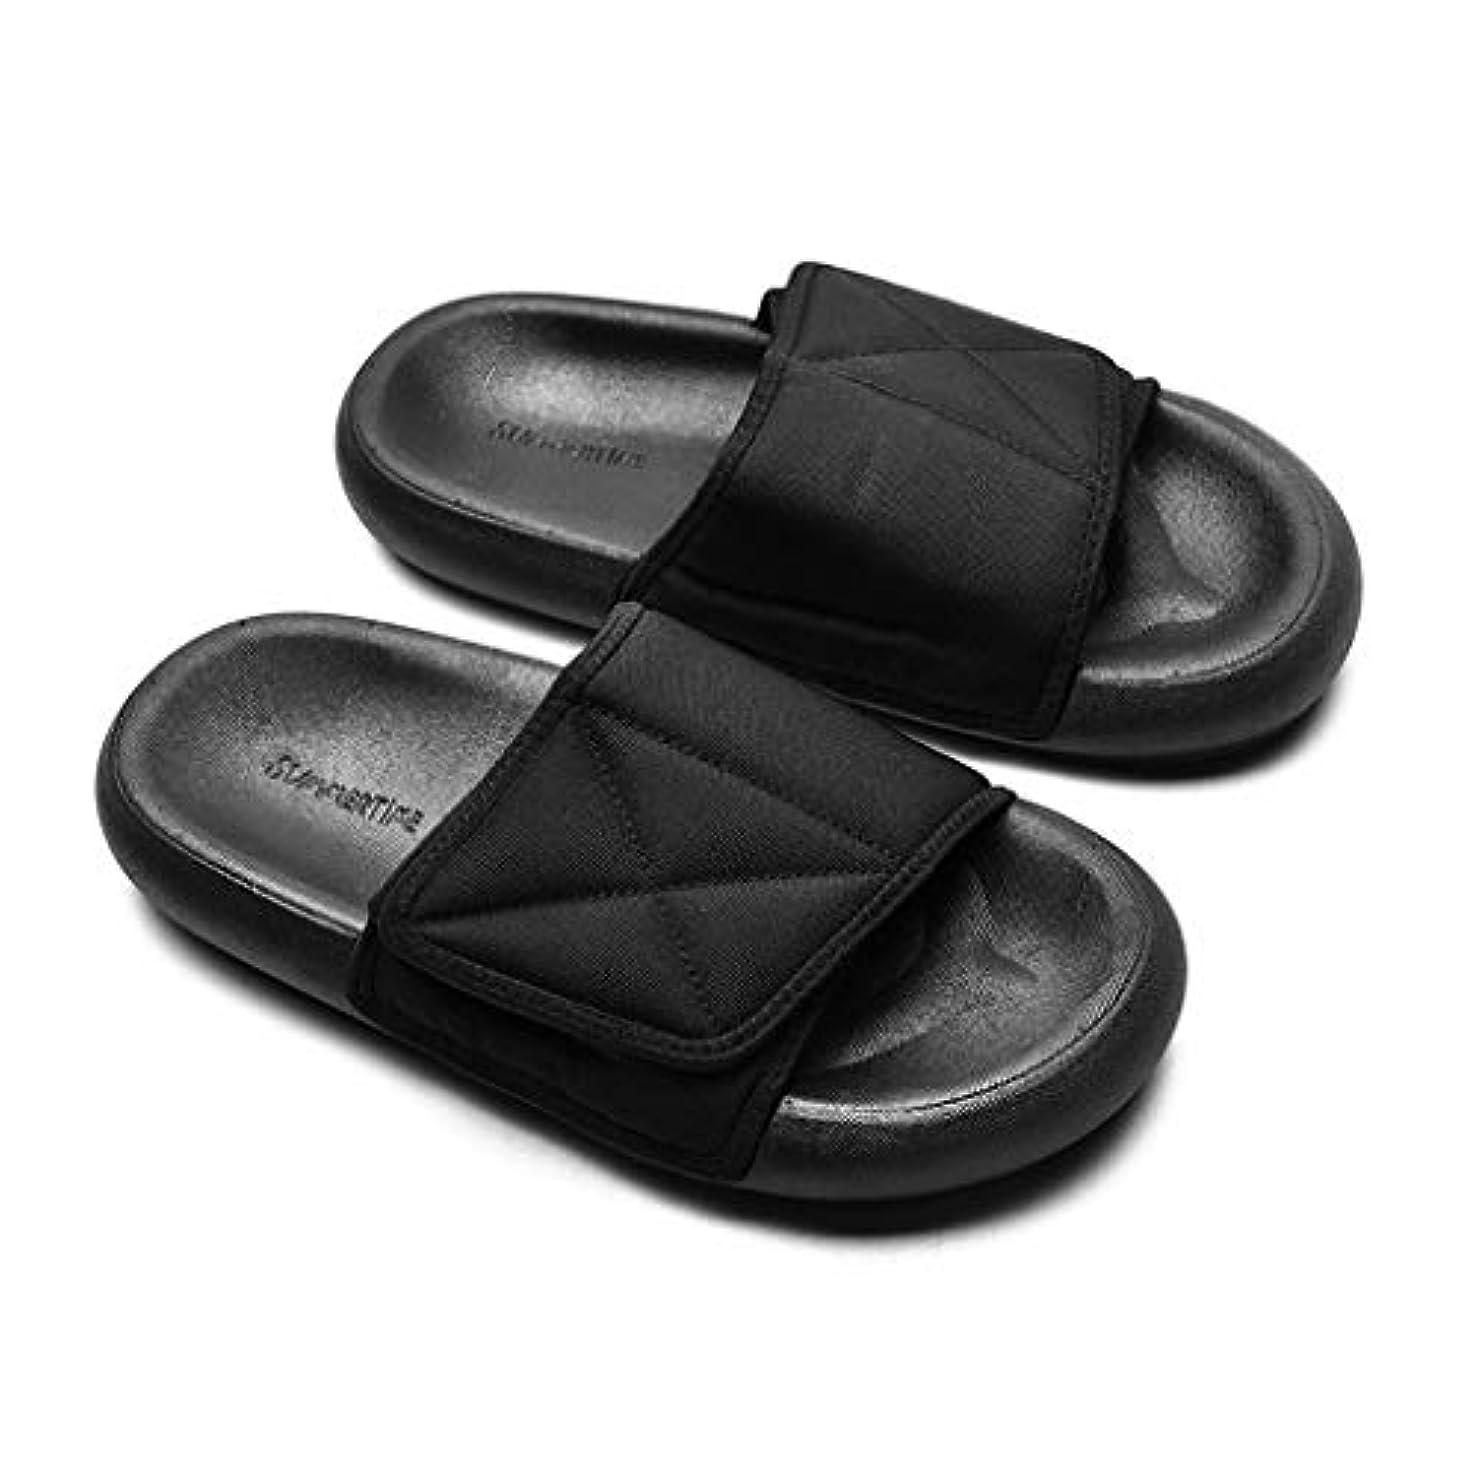 ホームレス論理的に役員Sunskyi-sandals メンズ レディース ファッション サンダル スリッパ ベルクロ ビーチ ジム スリッパ オープントゥ ハウススリッパ